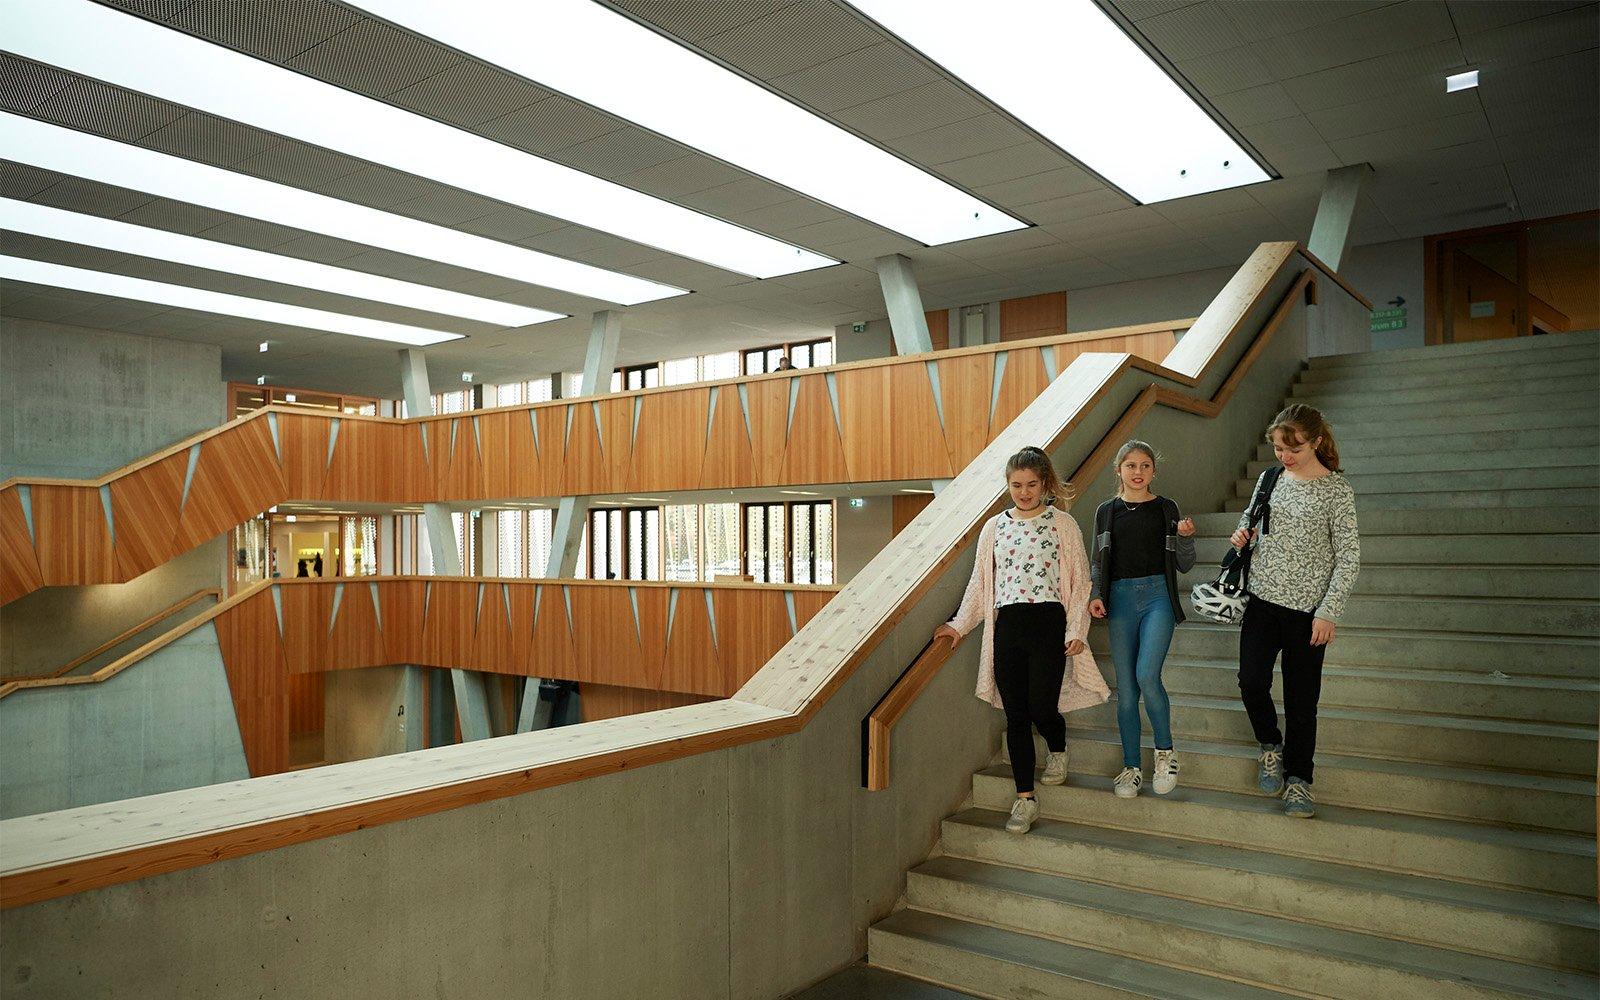 Atrium Dachverglasungslösungen der Hessenwaldschule in Deutschland